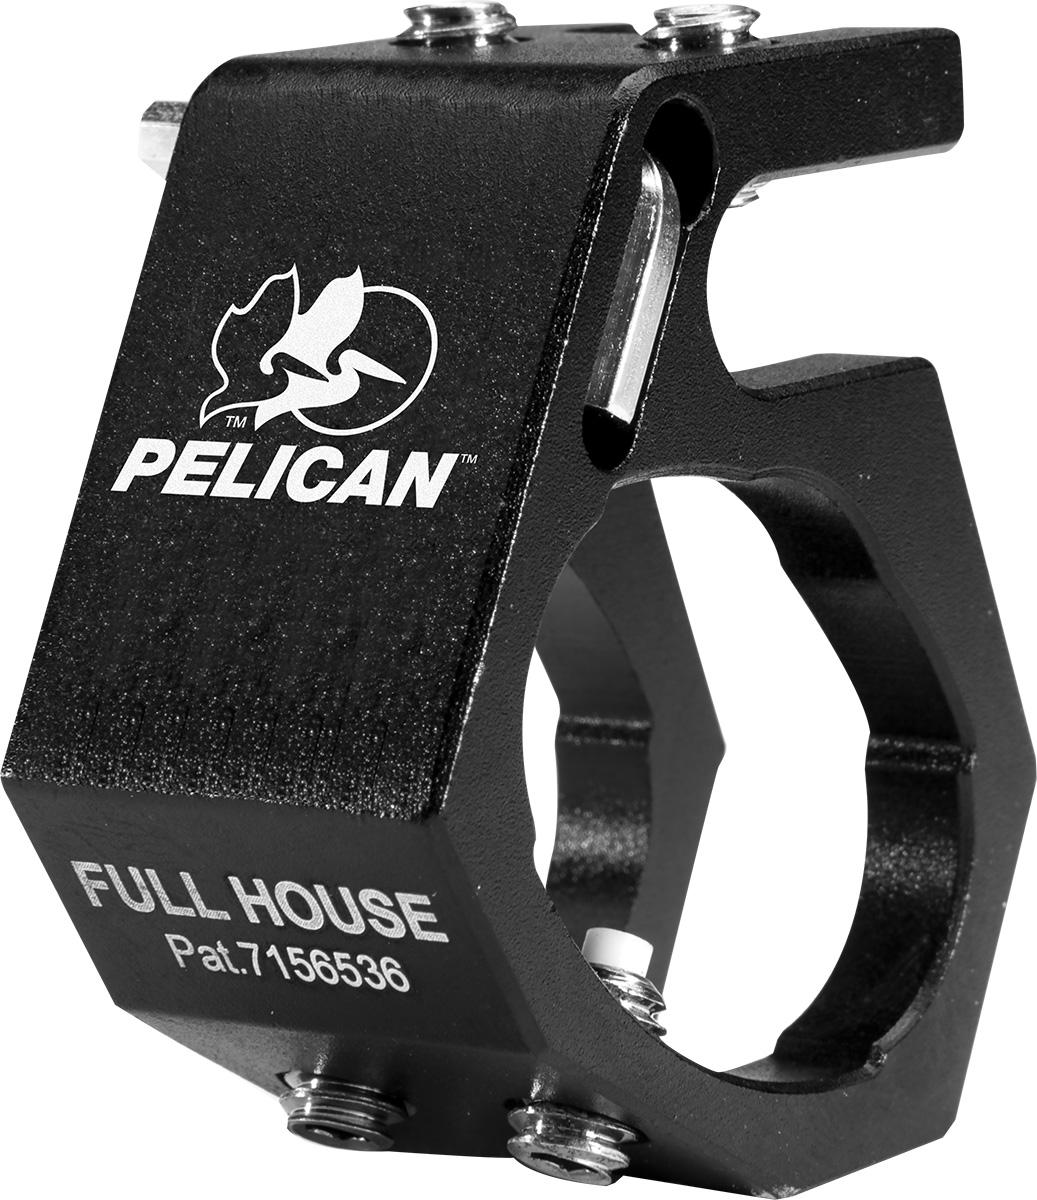 pelican 0780 full house helmet light holder